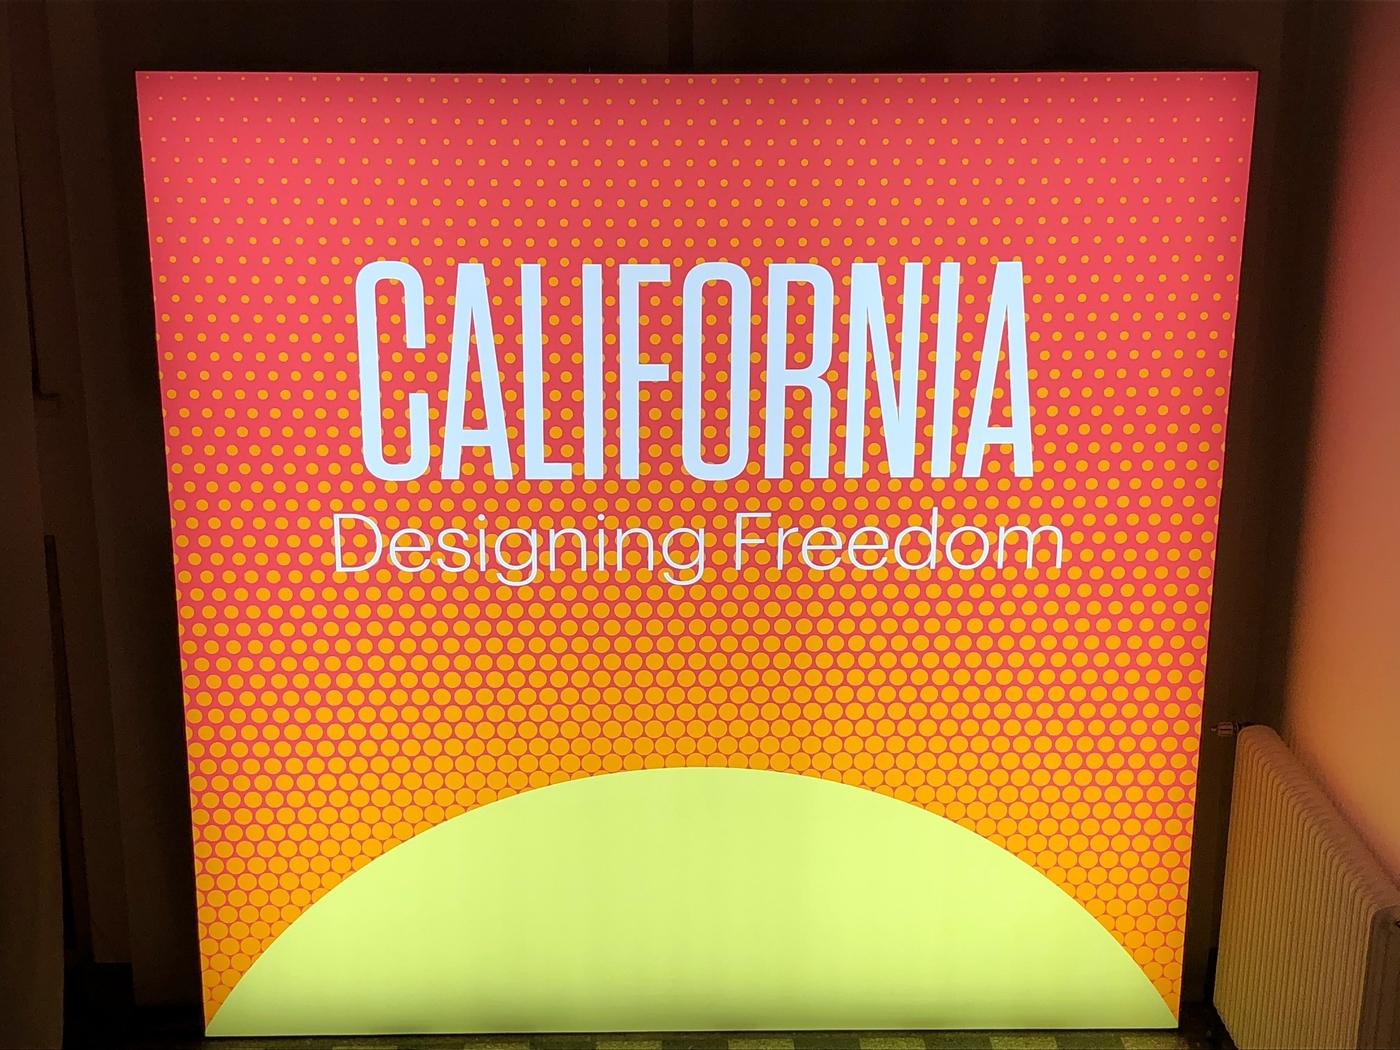 Kalifornian tuulia Designmuseossa